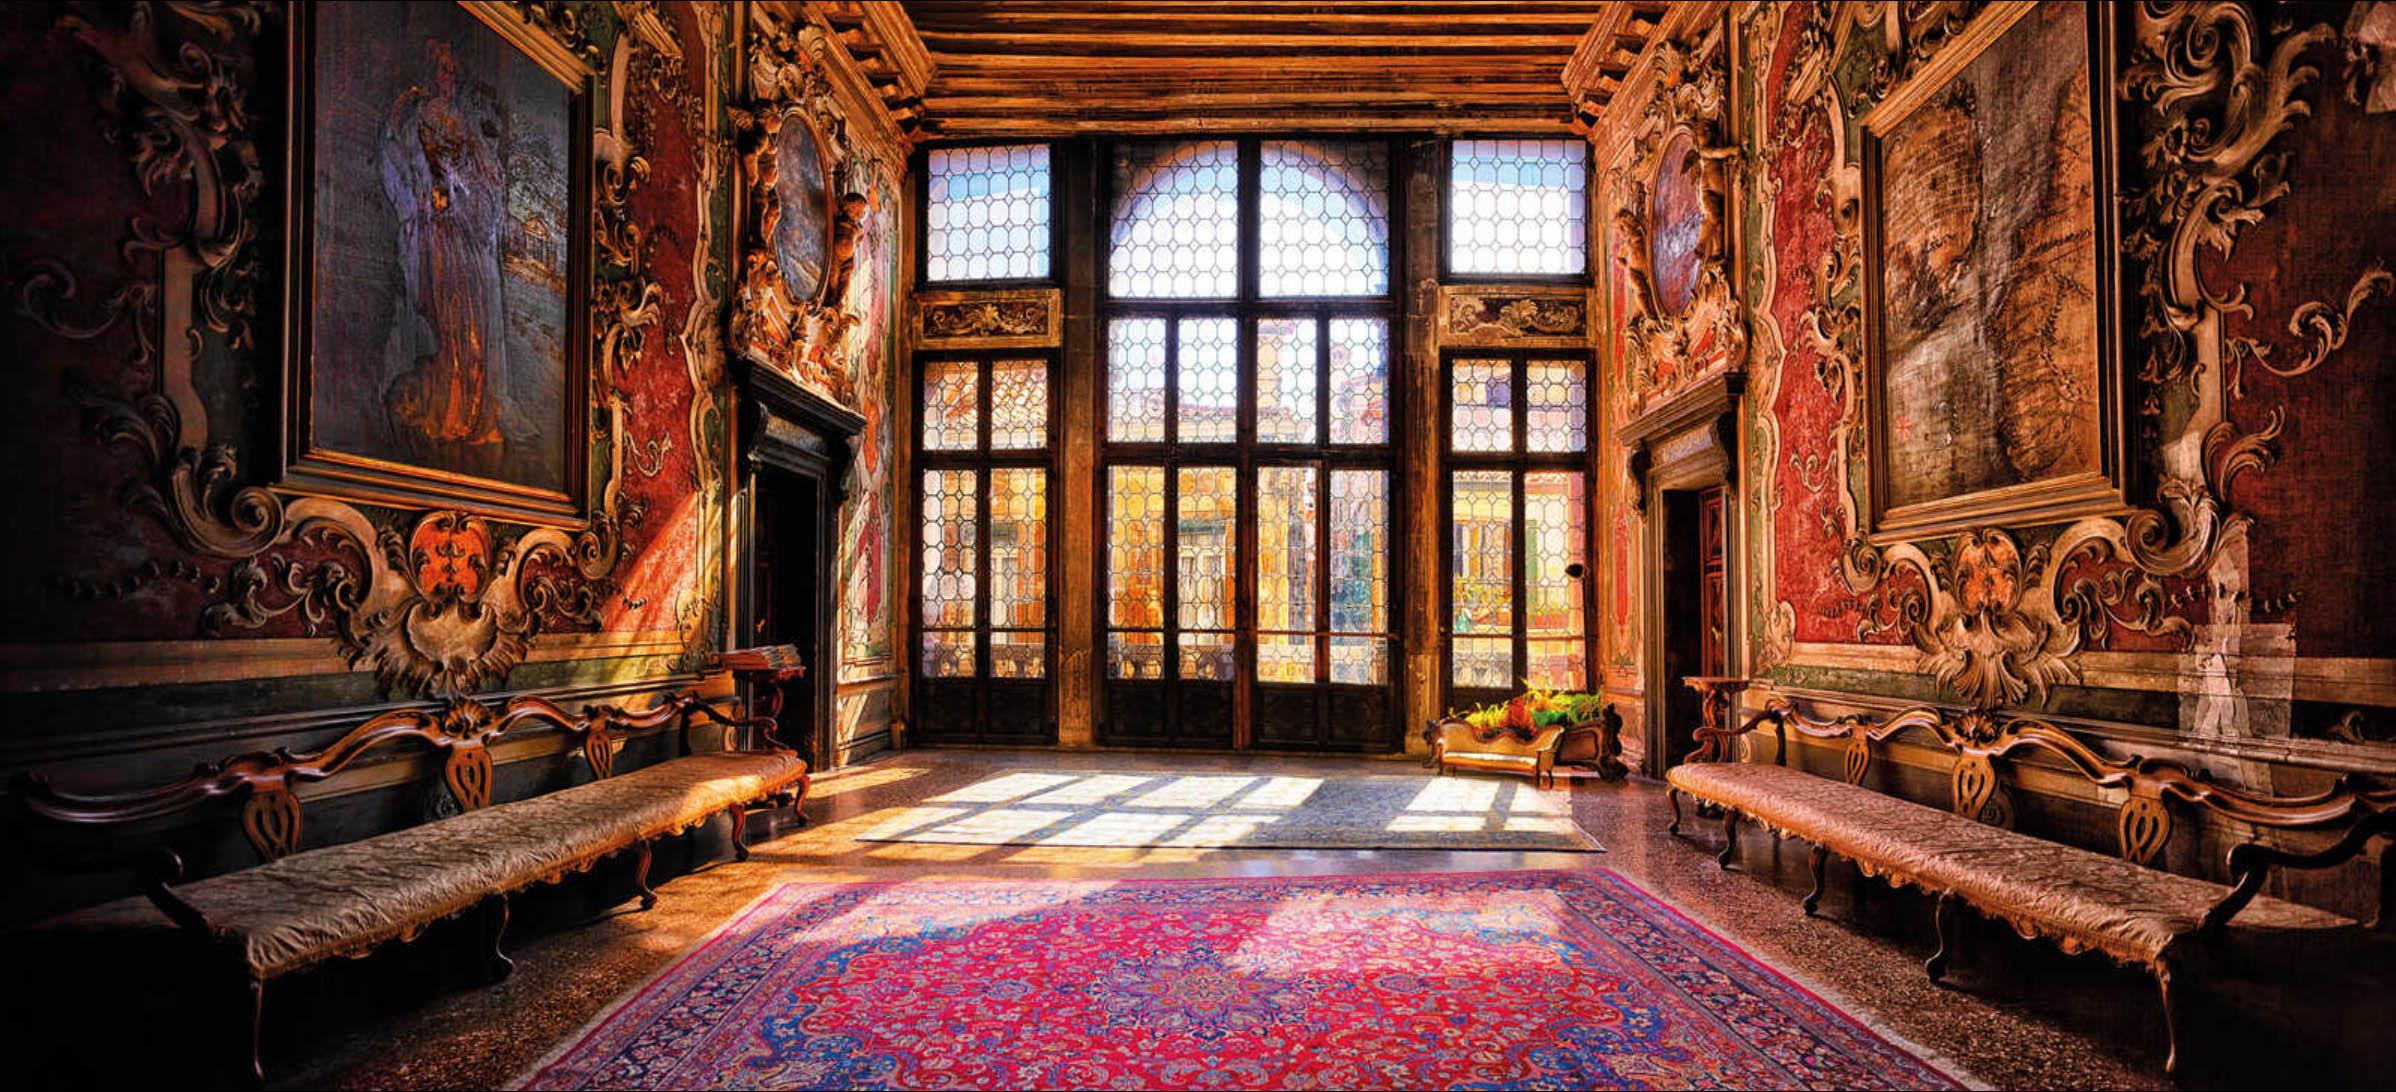 Палаццо Альвизе Вернера Павлока - однодневный тур по Венеции